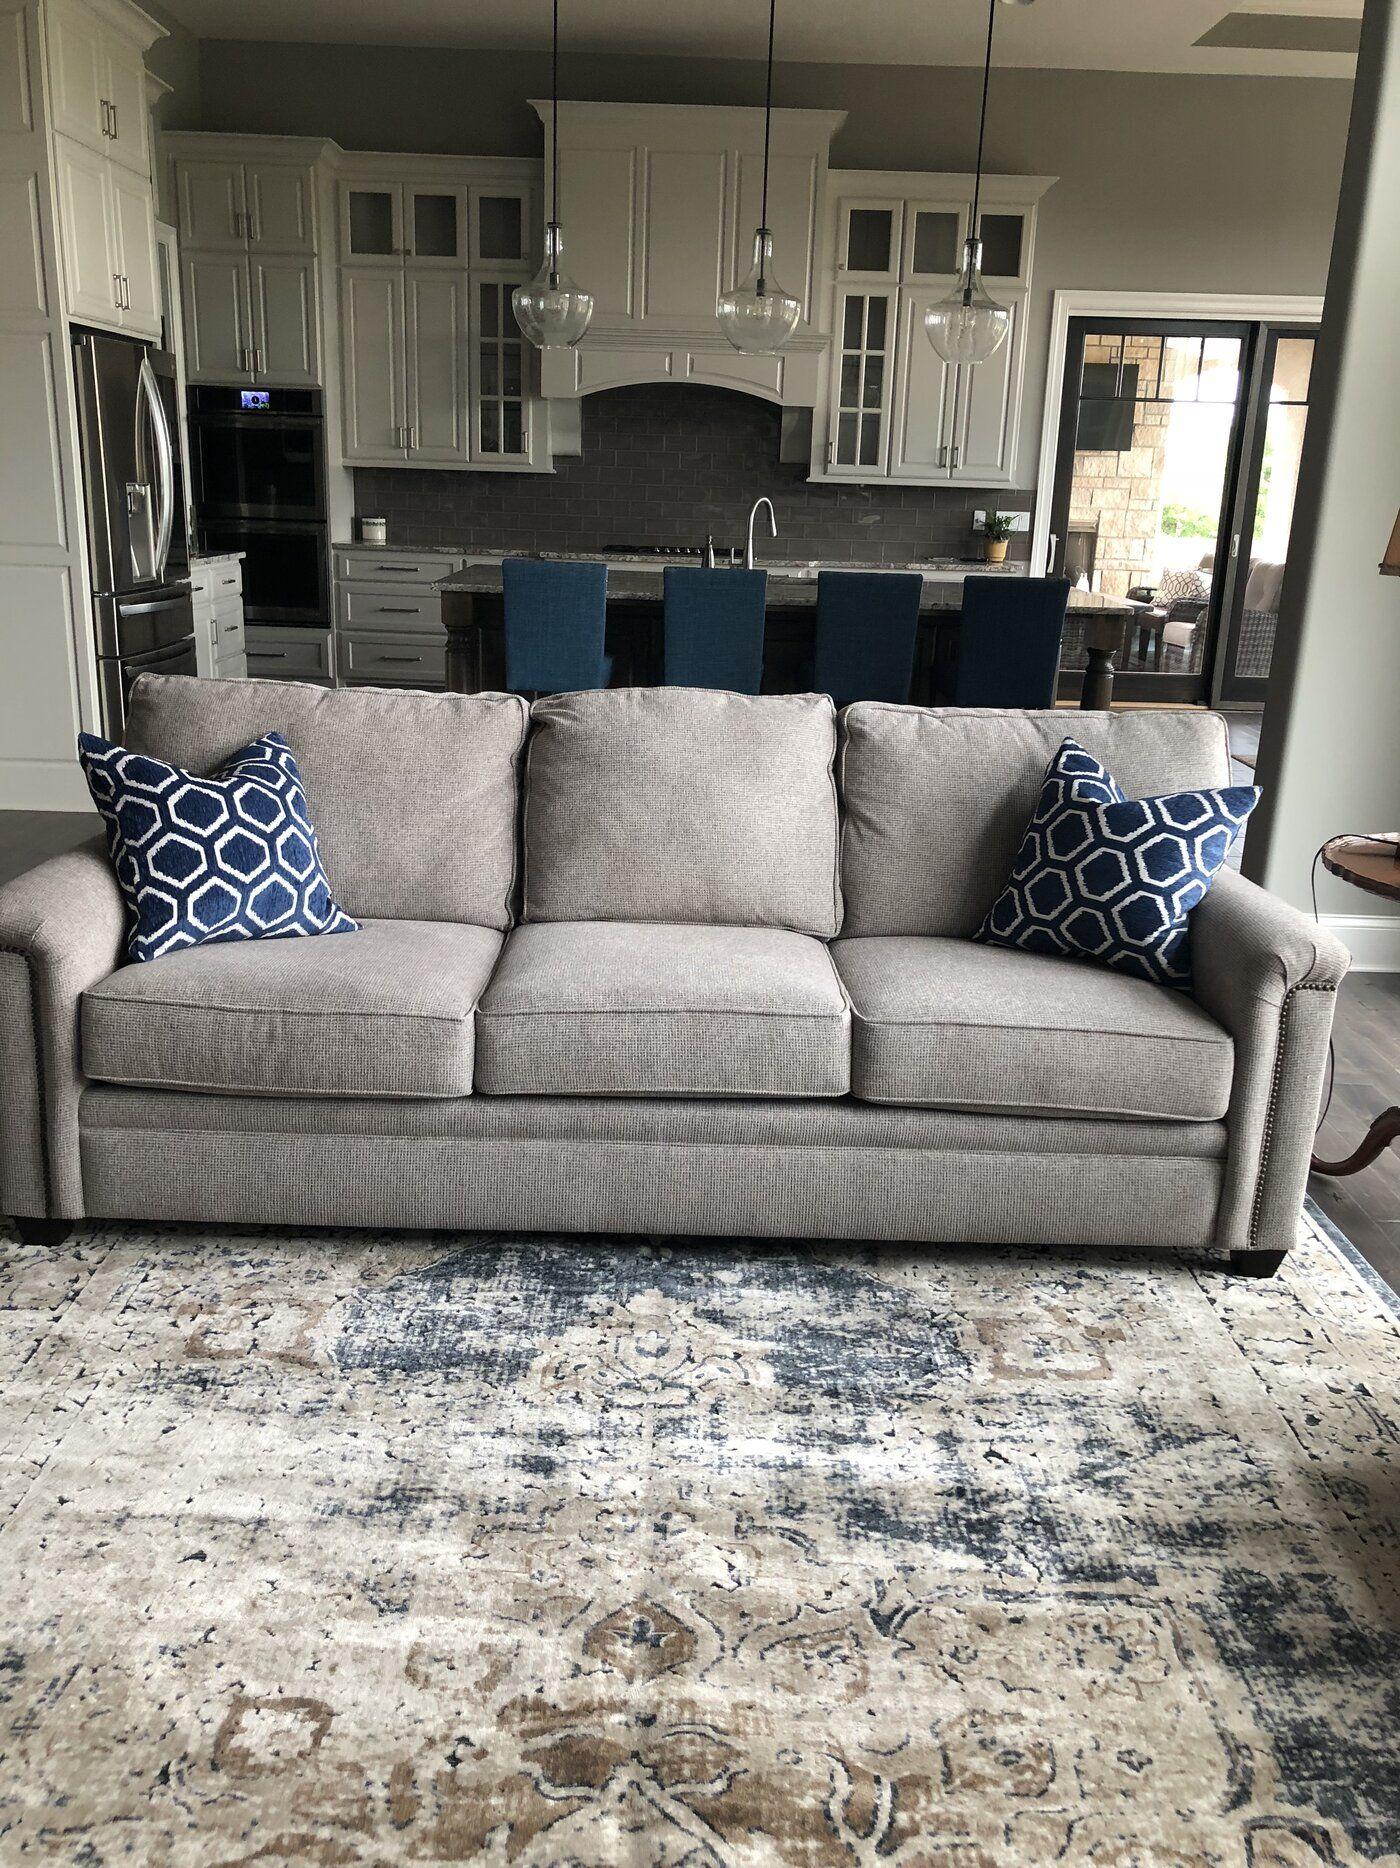 13 Living Room Decor Grey Sofa Ideas Living Room Decor Room Decor Living Room Designs